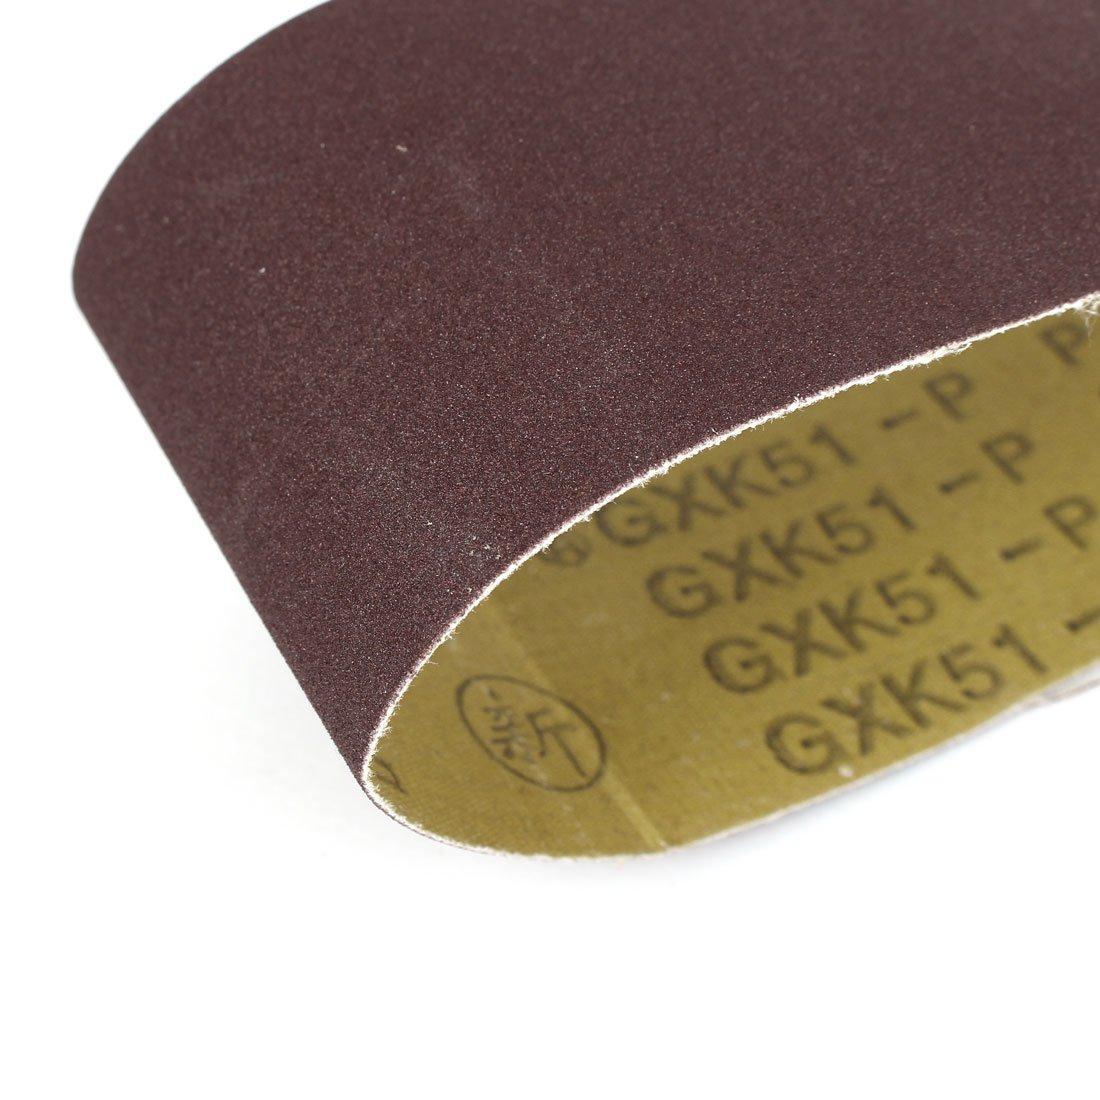 sourcing map 533mmx75mm bois 180 abrasif poussi/ére un papier bande abrasive 5pcs